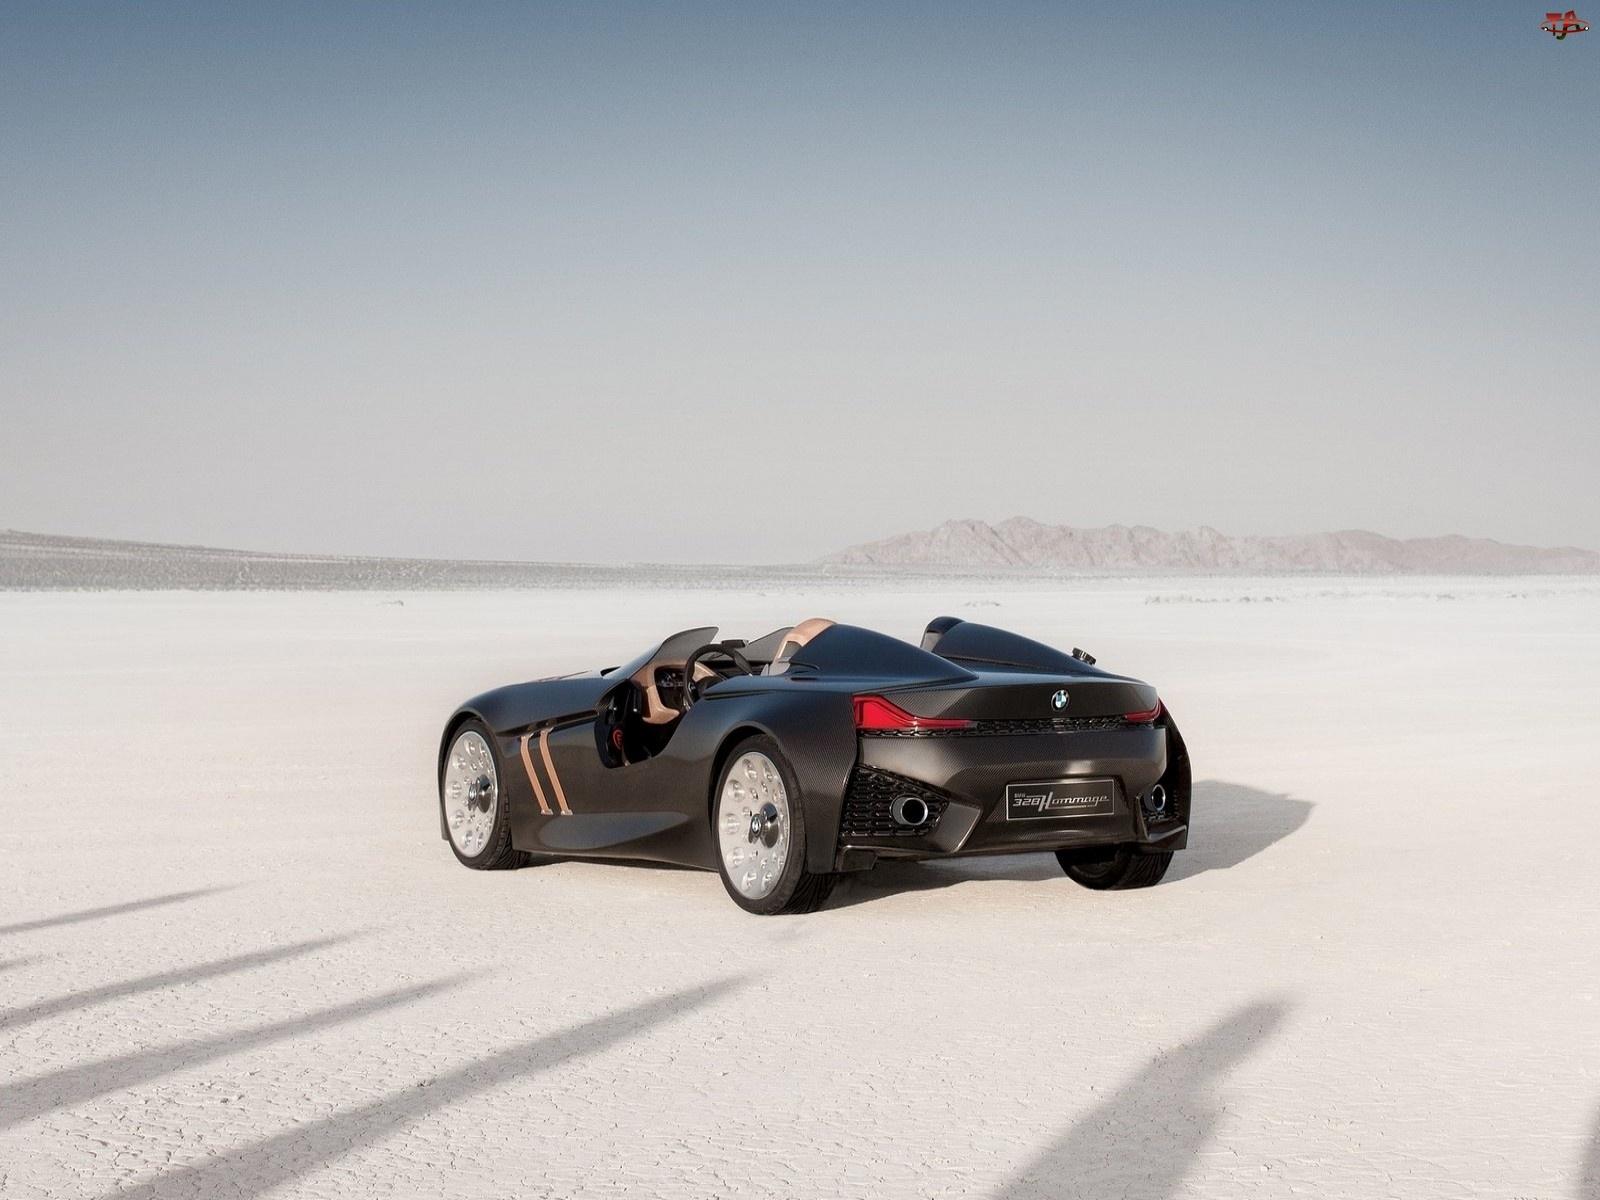 BMW 328 Concept, Jezioro, Testy, Wyschnięte